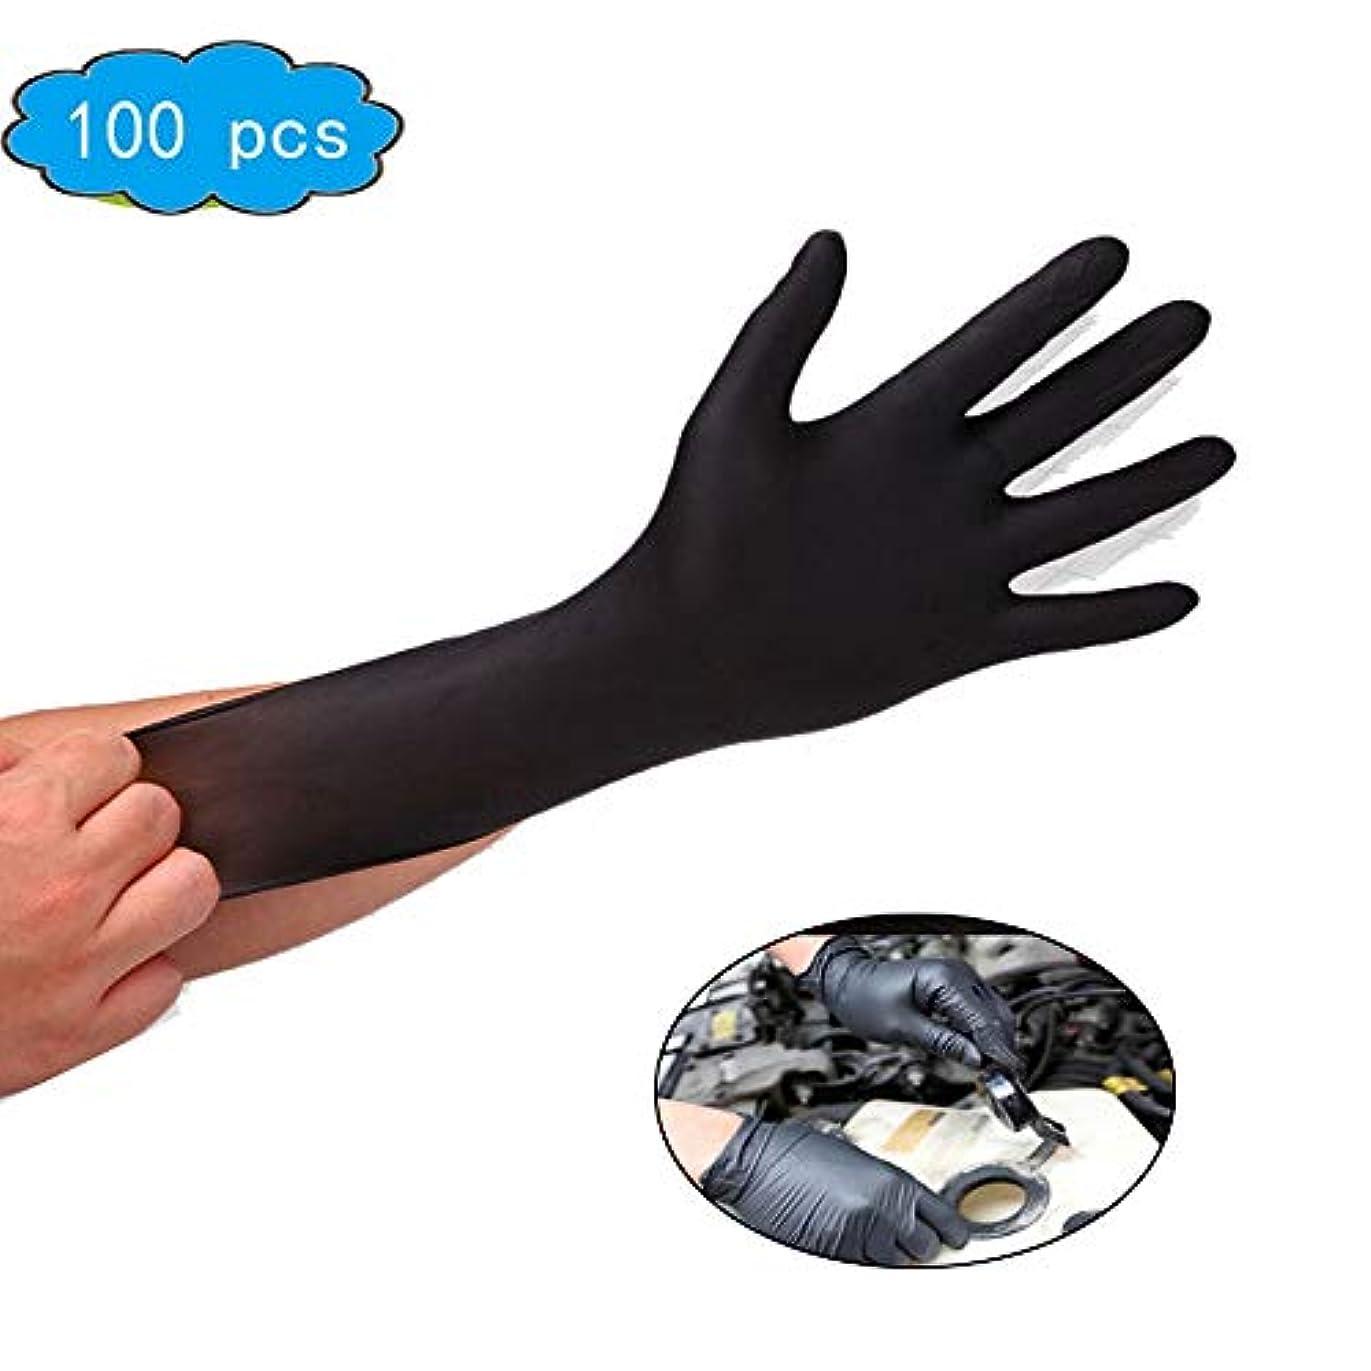 郵便コンドーム歯車使い捨てニトリル手袋、6 Mil、黒、サイズL、厚く、1パックあたり100個、工具と家庭の改善、家庭用クリーニンググローブ (Color : Black, Size : L)